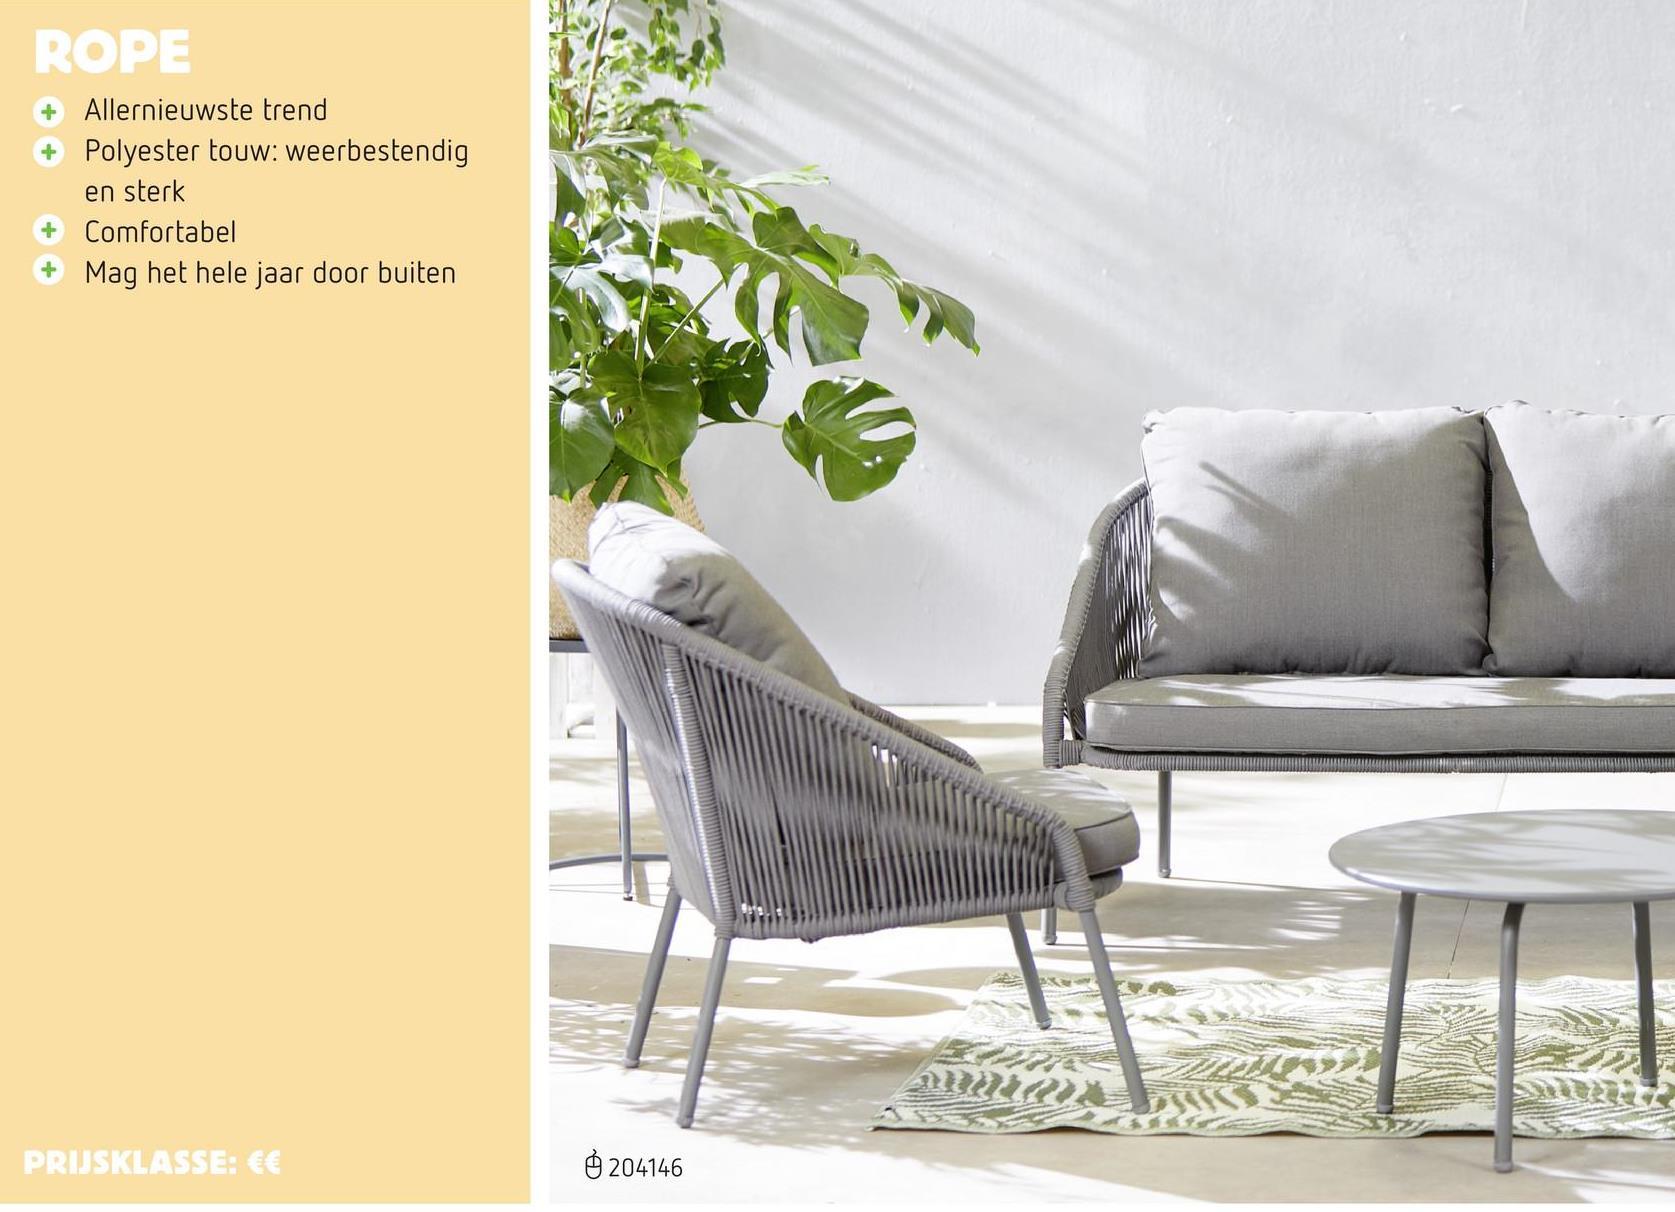 Loungeset Natal Plaats deze compacte loungeset Natal op je terras en geniet in stijl van het mooie weer. Stevig, comfortabel en modern! De Natal loungeset bestaat uit: • een 2-zit • 2 loungestoelen • een salontafel De salontafel en het frame van de zetels zijn van aluminium. Dit is licht, sterk als staal én roest niet. Bovendien vraagt het niet veel onderhoud. De stijlvolle loungezetels zijn afgewerkt met rope. Dit polyester touw is weerbestendig, sterk en zit comfortabel. De kussens zijn van waterafstotend polyester . Het water zal er dus niet meteen indringen, maar bij een fikse regenbui haal je ze toch beter naar binnen. Zoniet zullen ze het vocht wel beginnen opnemen.